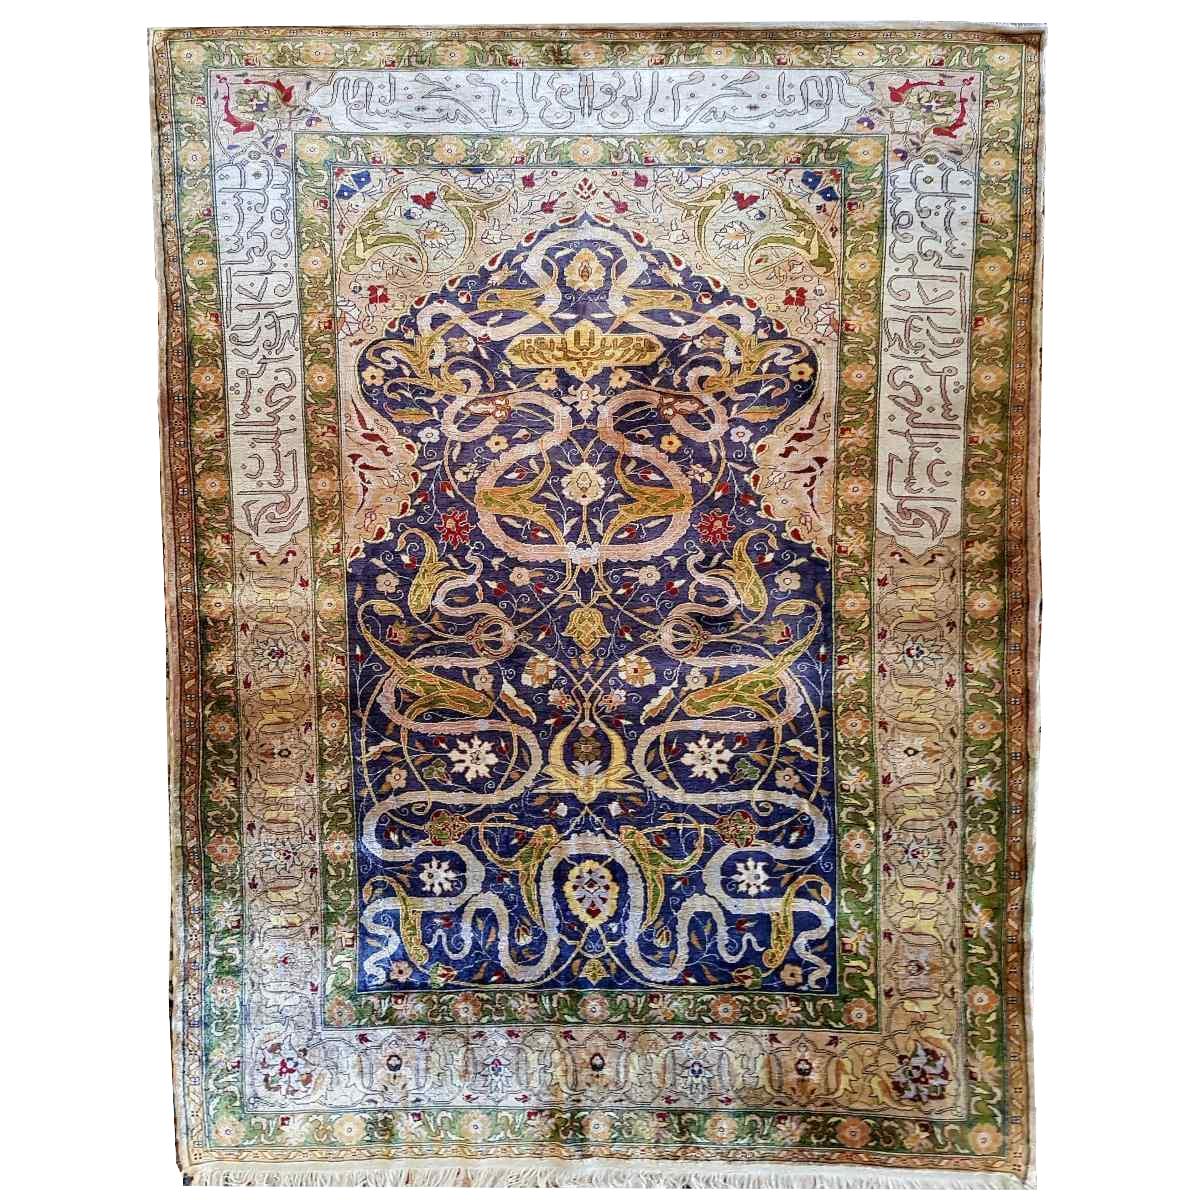 Tapis Ottoman En Soie - (asie Mineure, Turquie) 20ème Siècle